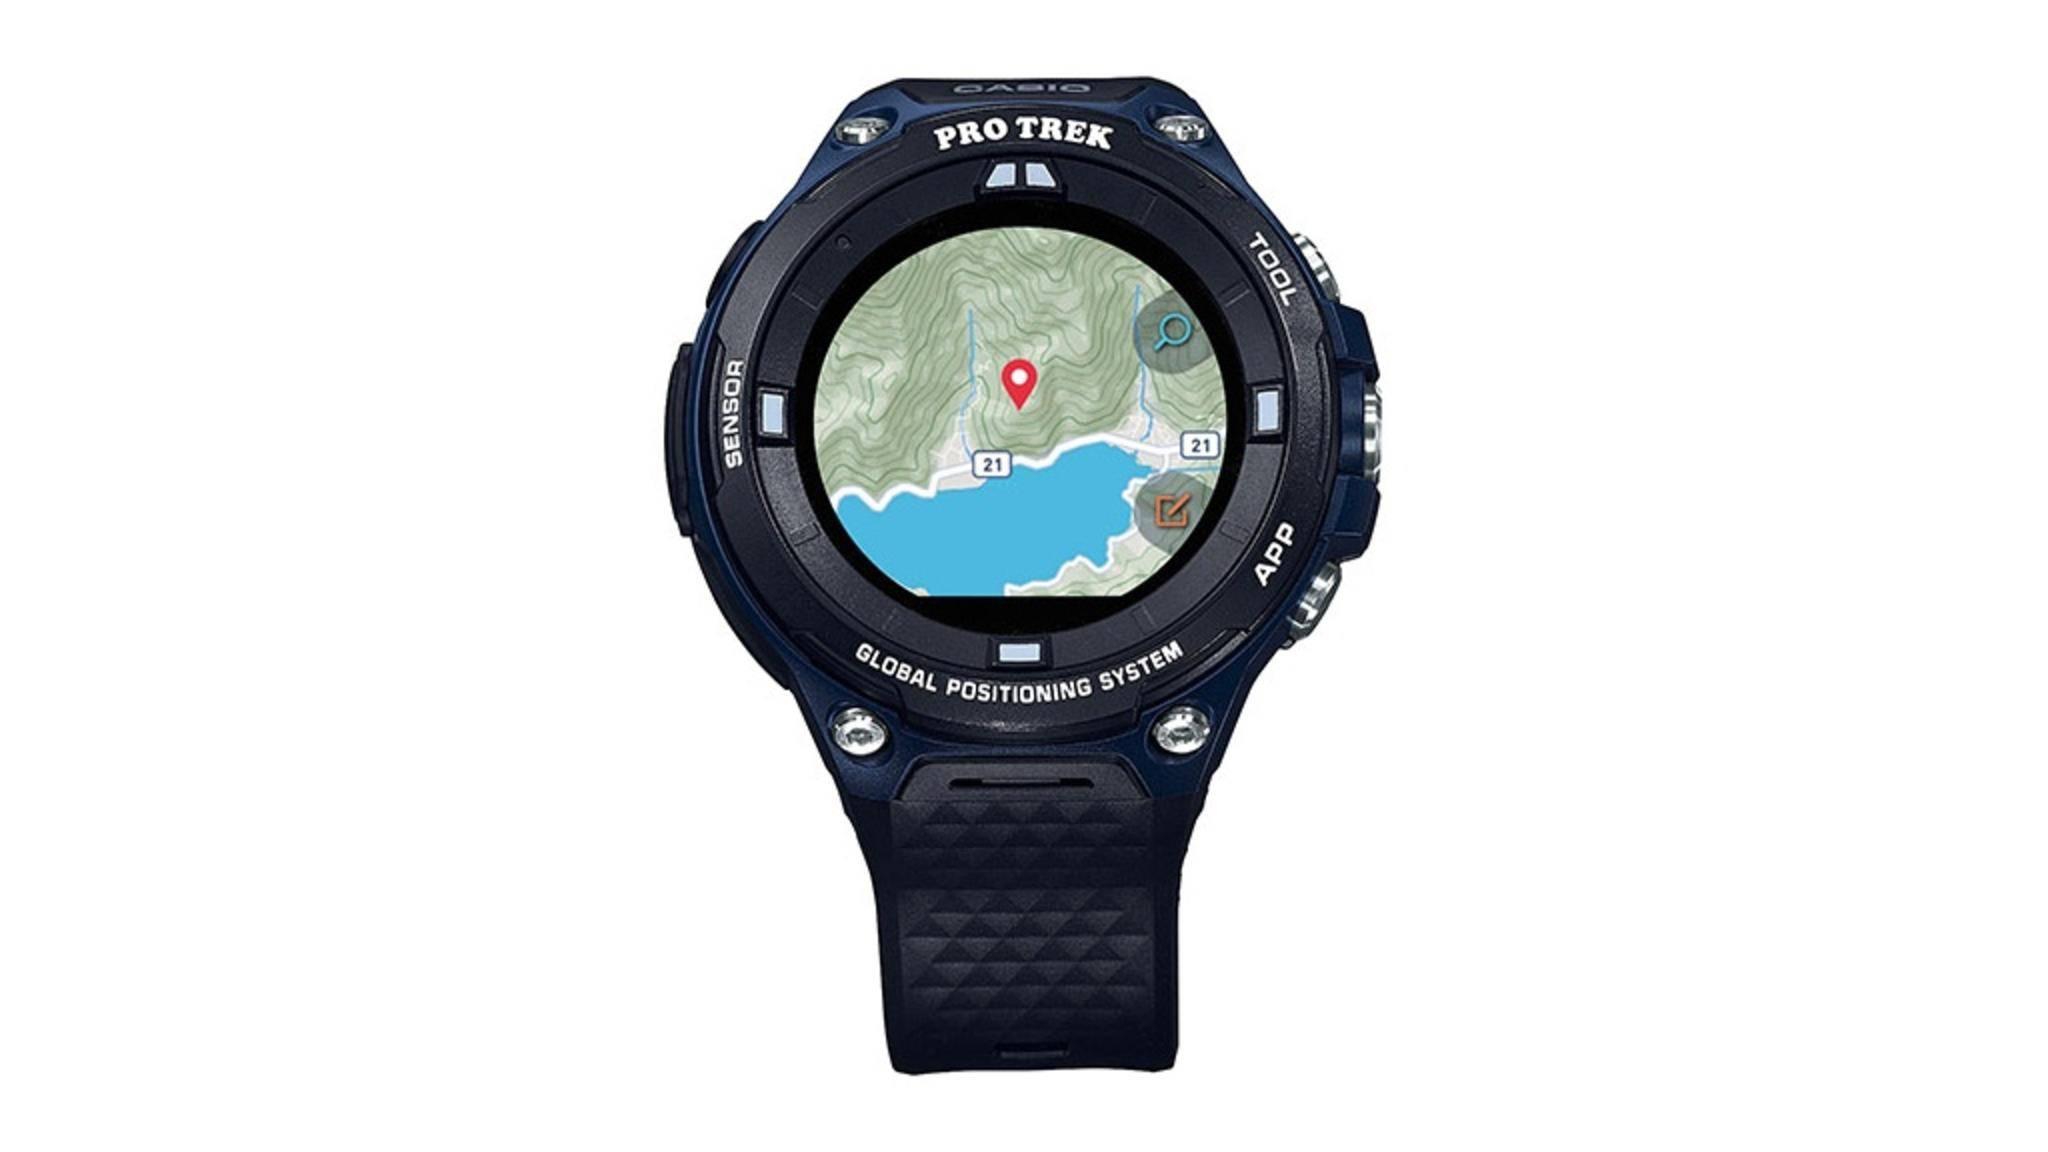 Die Pro Trek WSD-F20A ist eine Smartwatch für Outdoor-Sportler.